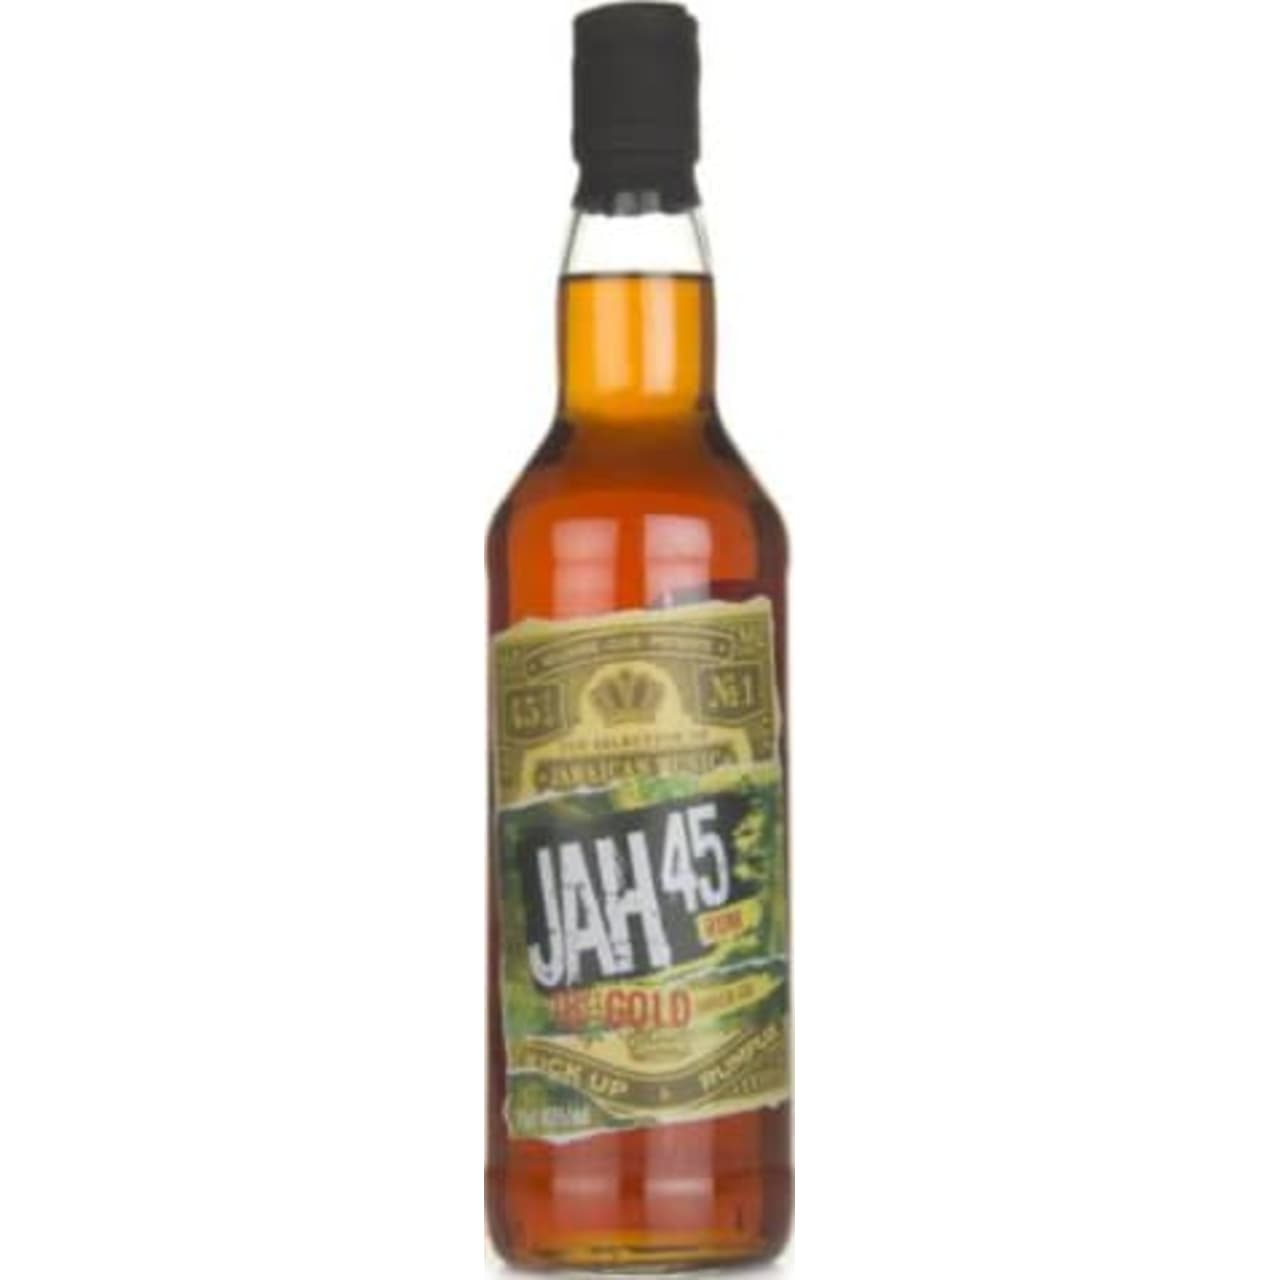 Product Image - JAH45 Dark Rum